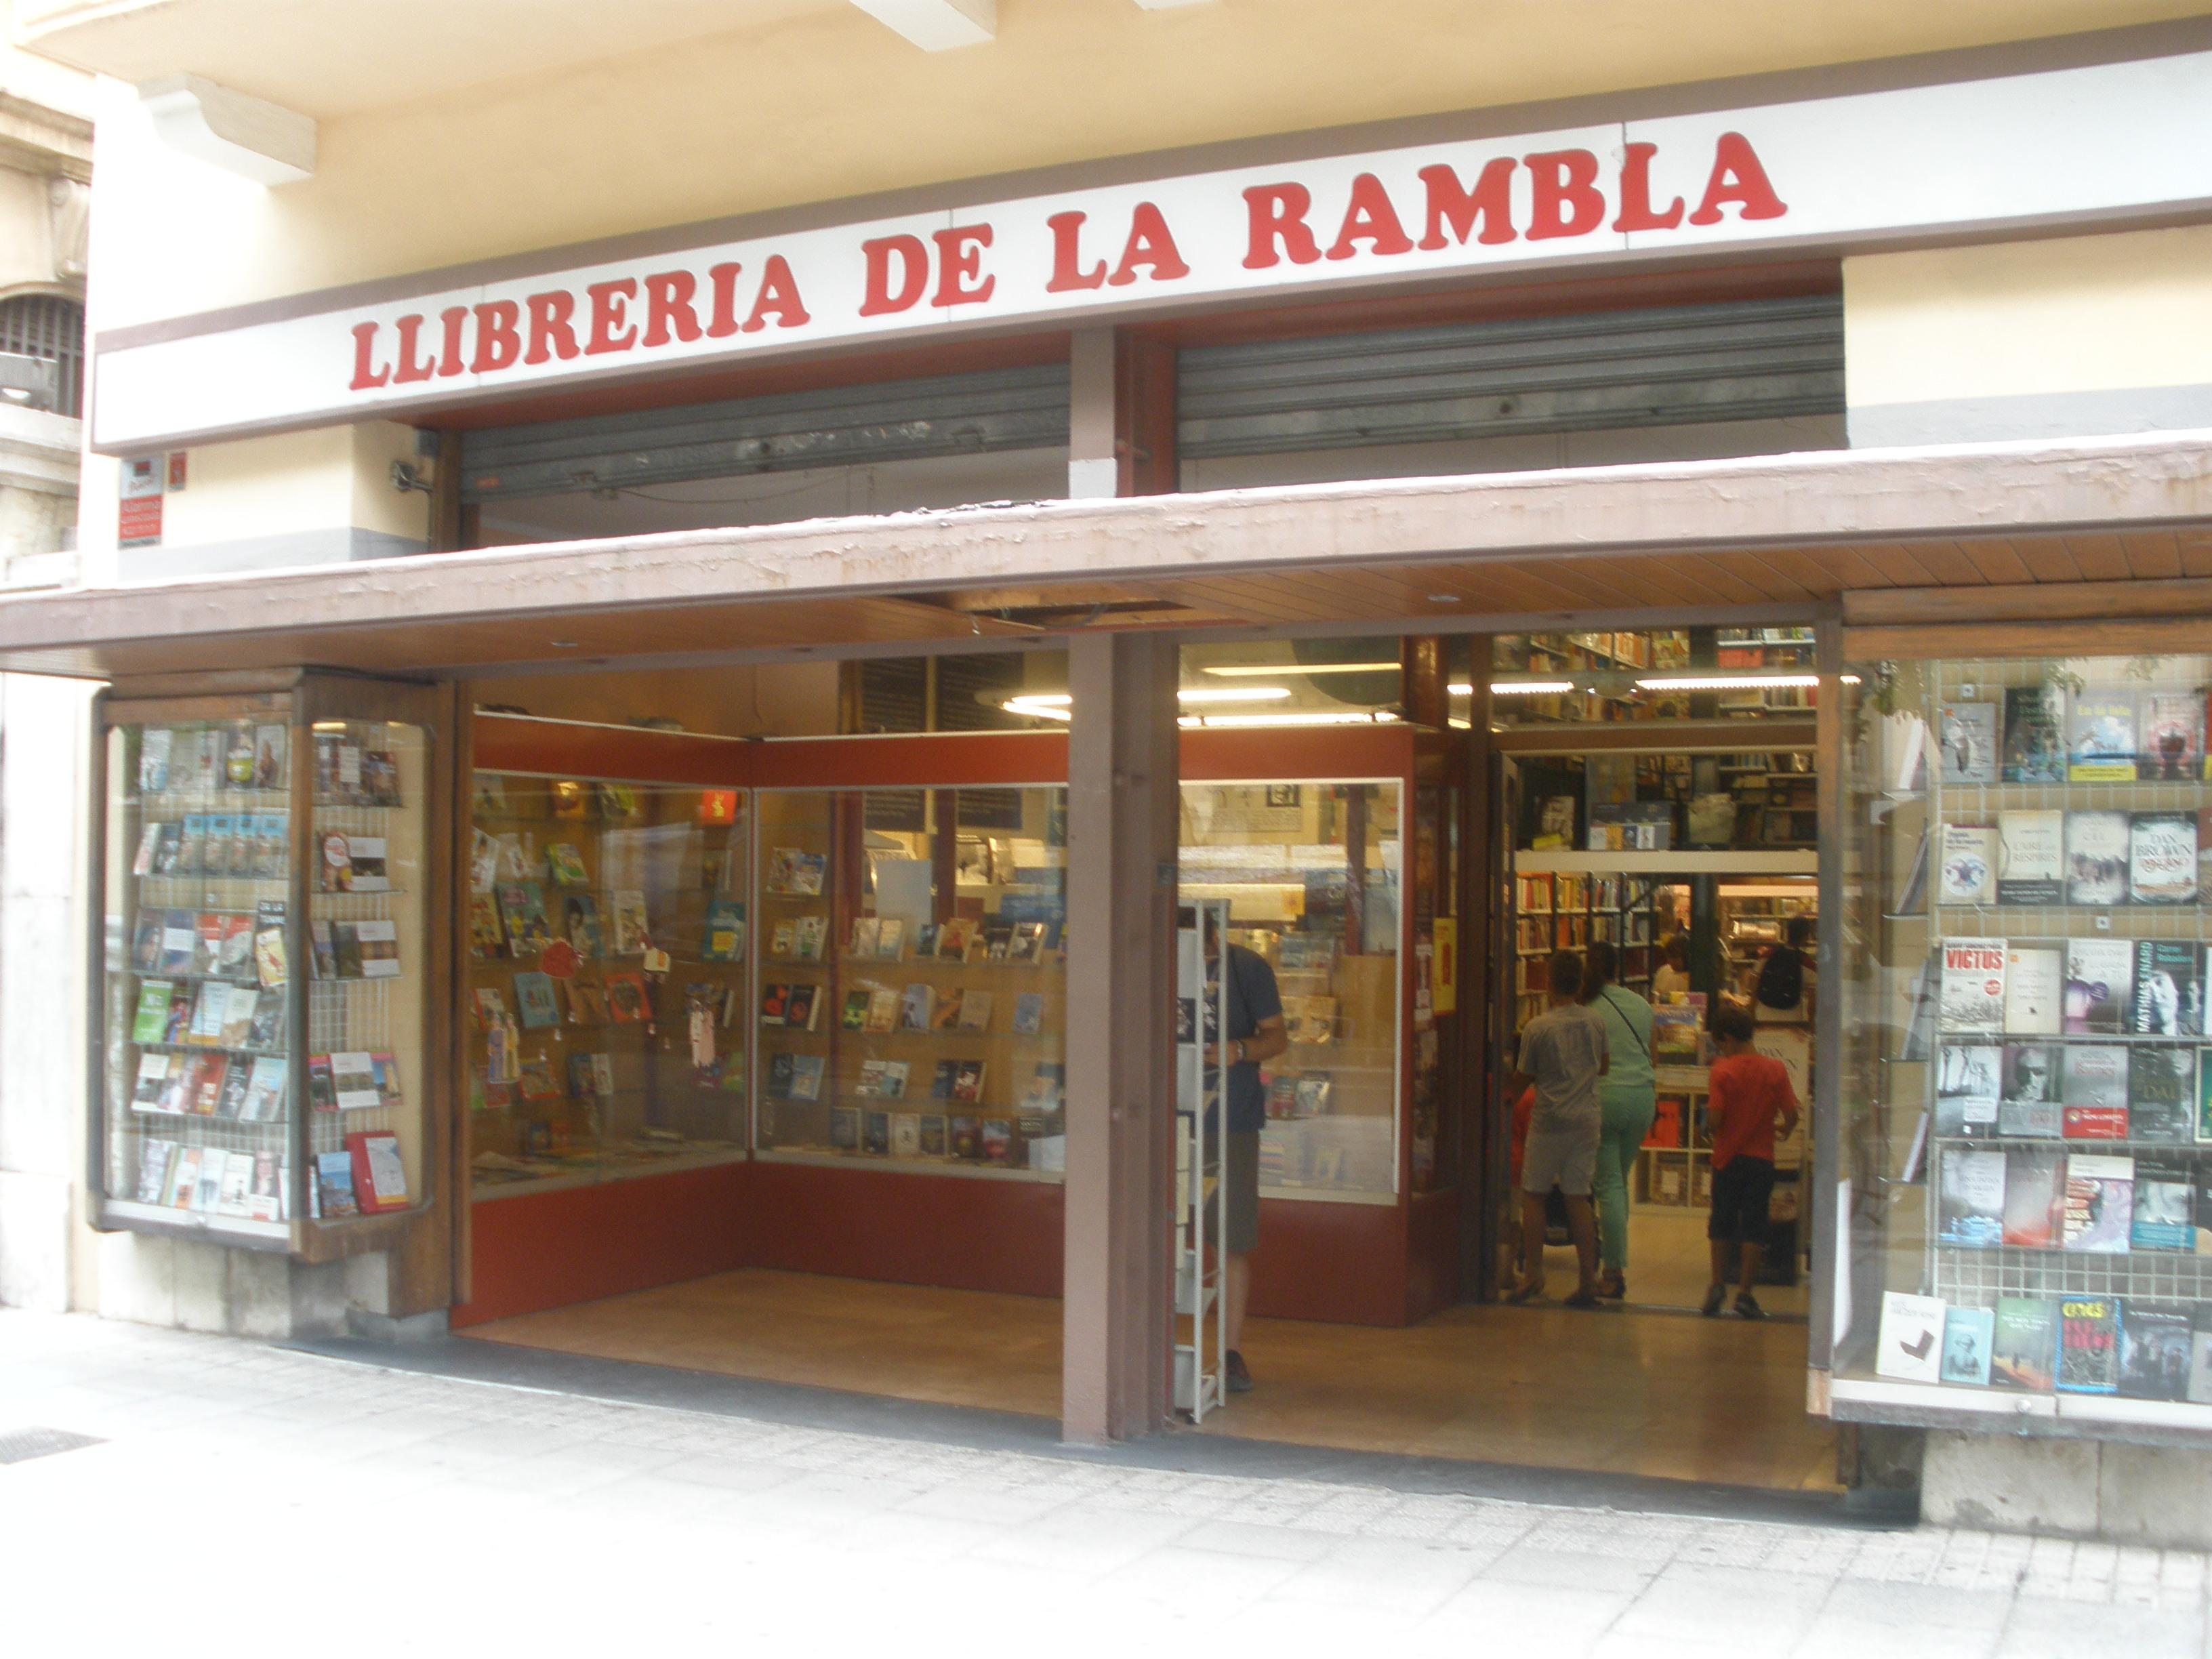 Façana de la Llibreria de la Rambla.